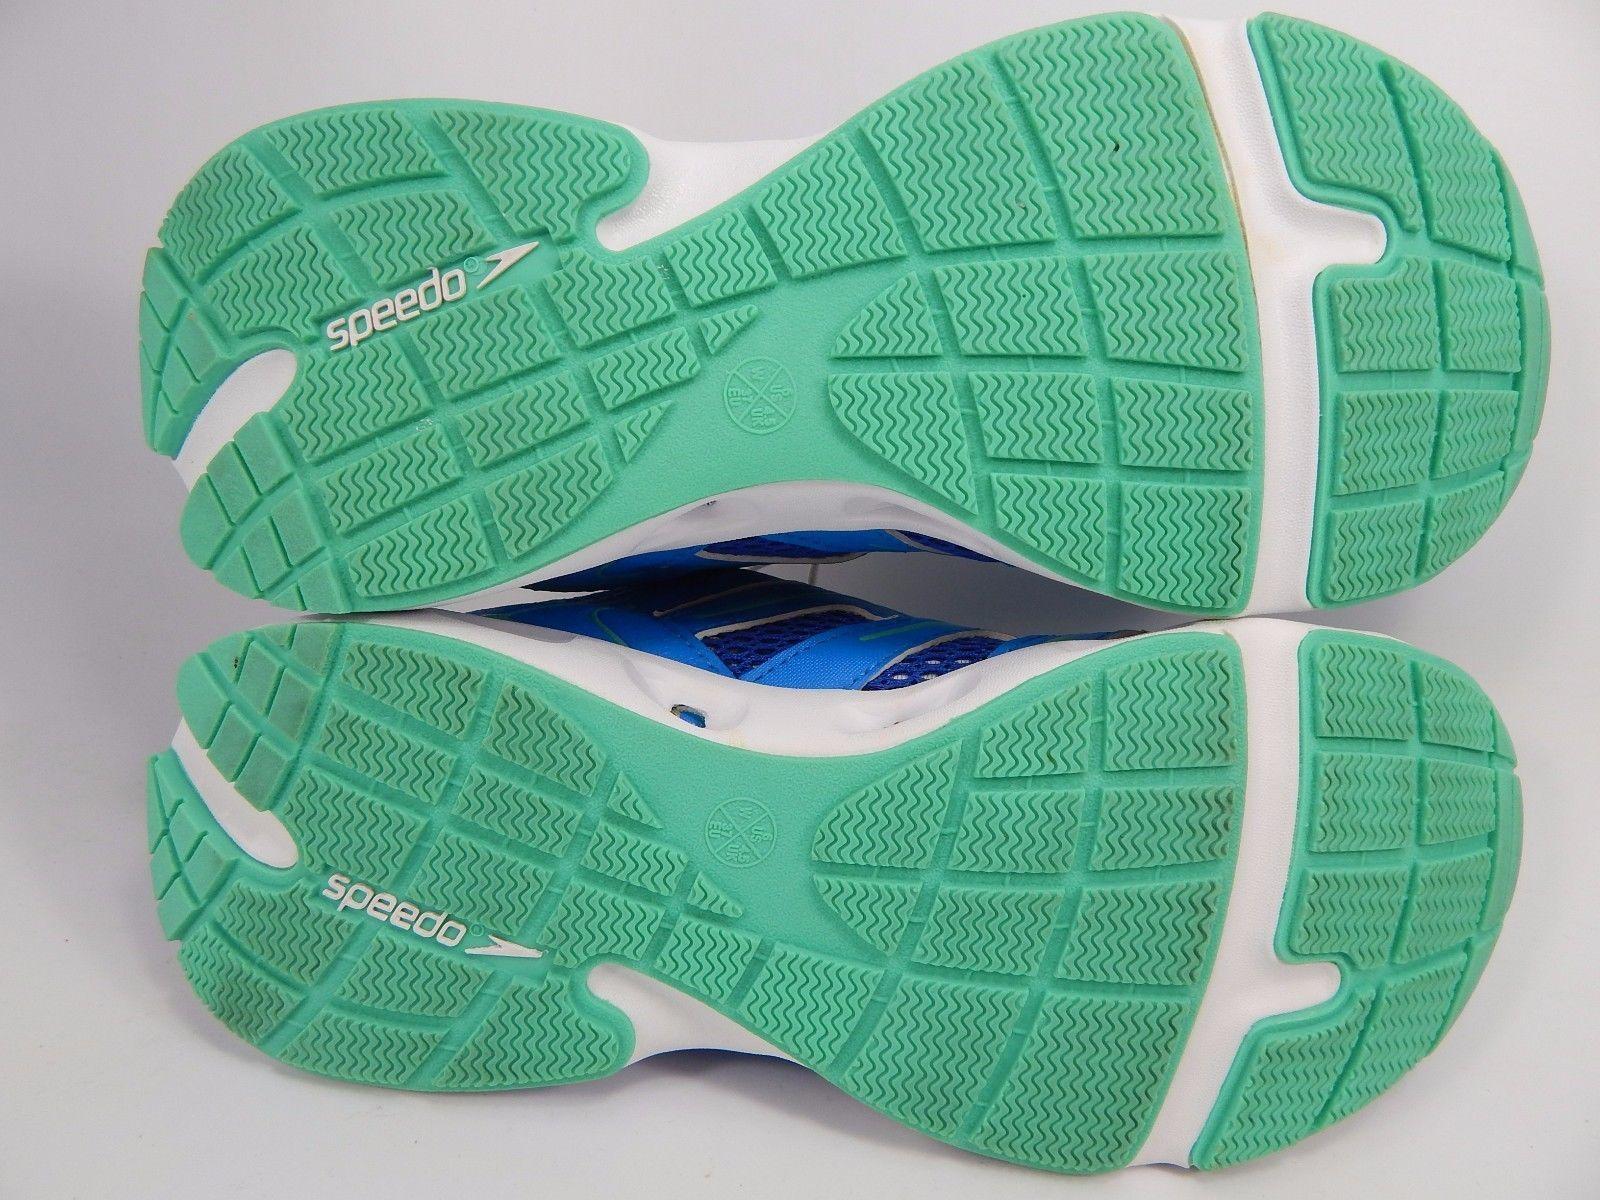 Speedo Comfort Women's Water Shoes Size US 6 M (B) EU 37 Blue White E00045